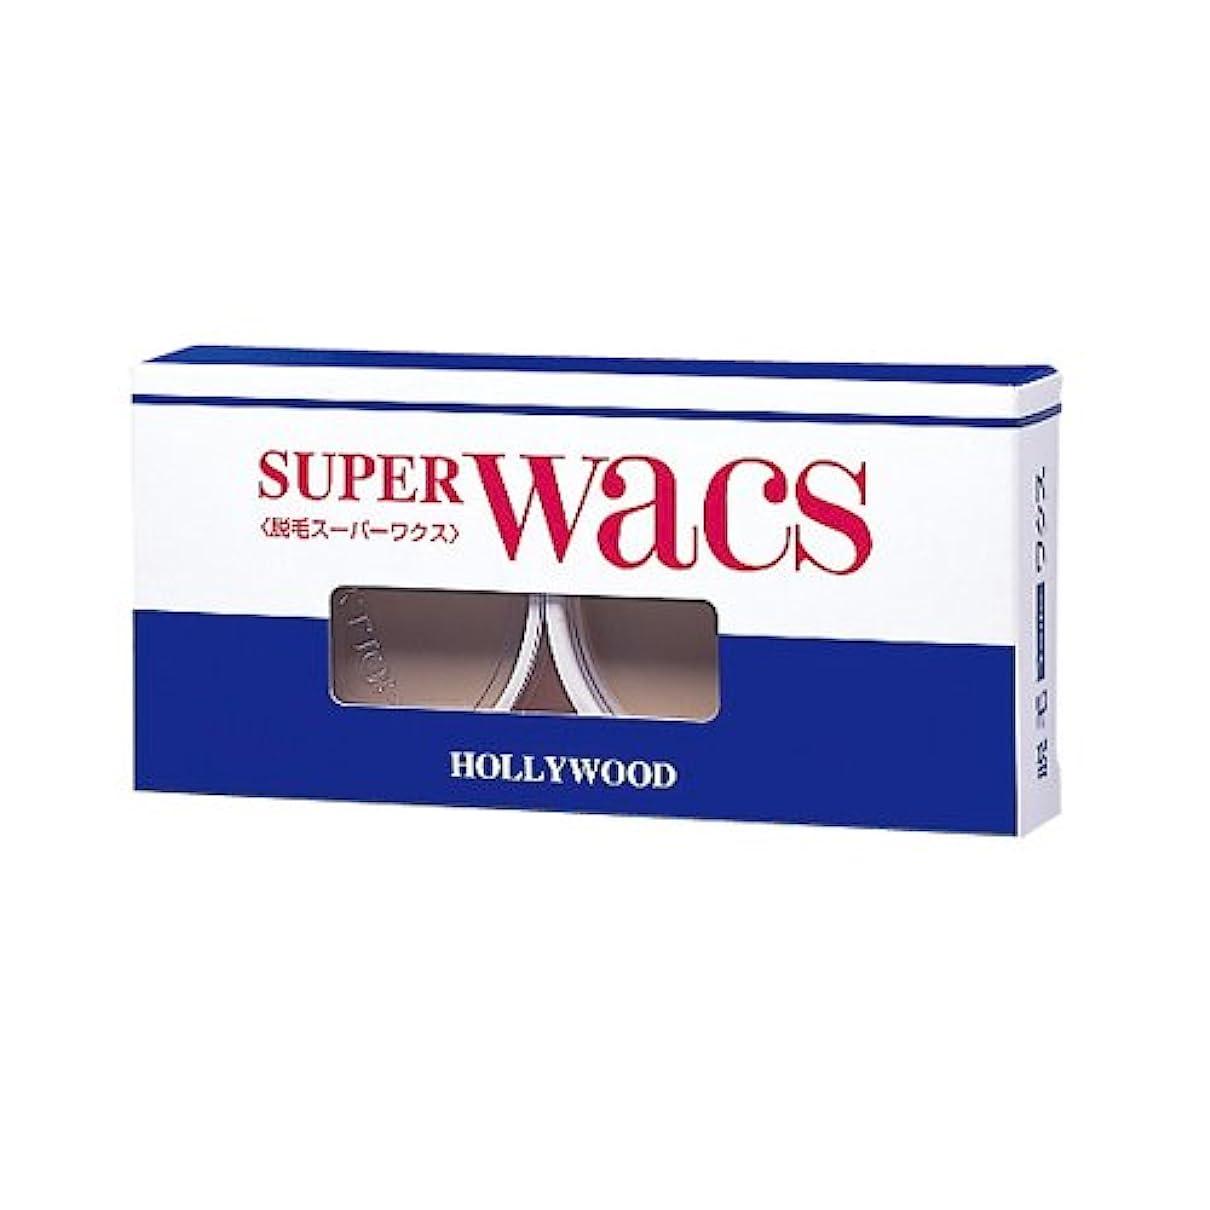 退屈作物砂漠ハリウッド 脱毛スーパーワクス (強力) (50g × 2)